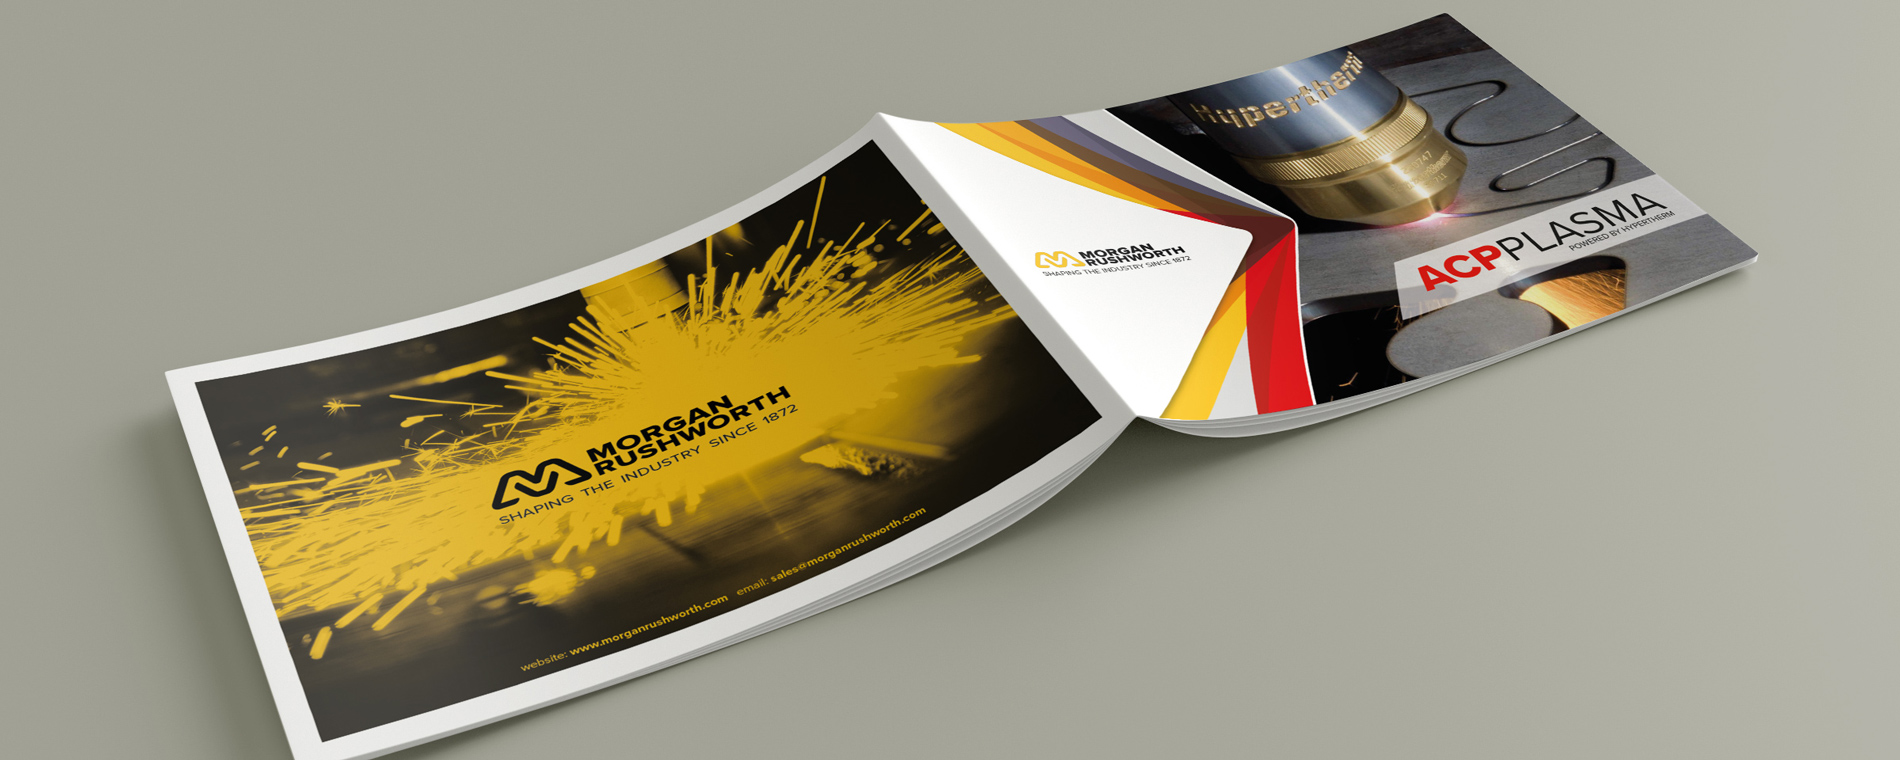 Morgan-Rushworth-brochure-landscape